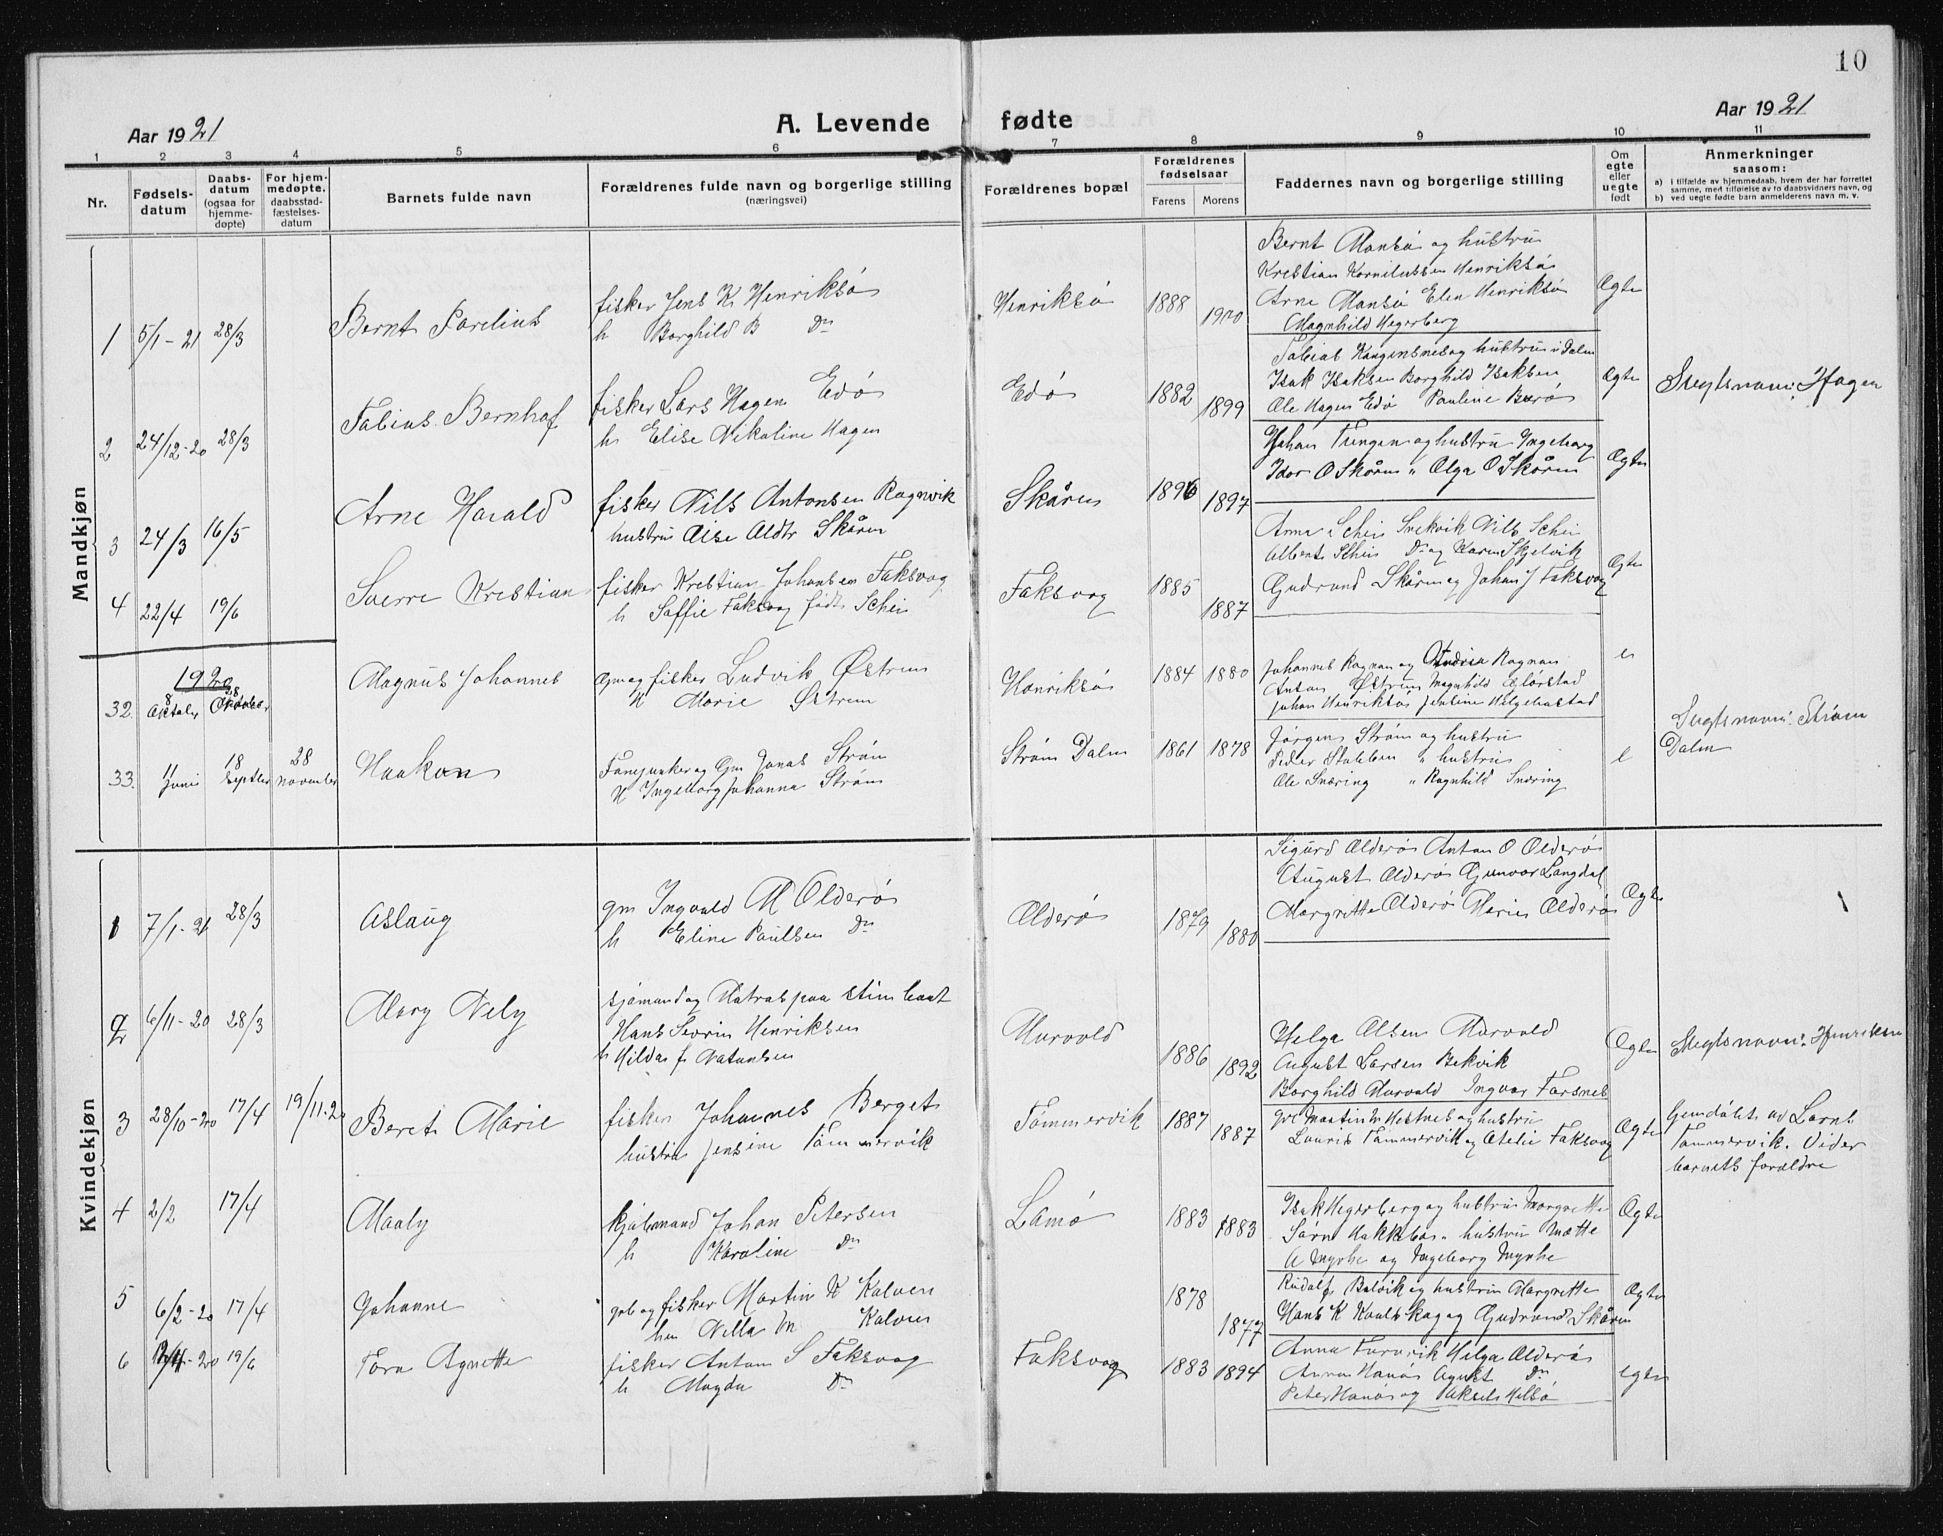 SAT, Ministerialprotokoller, klokkerbøker og fødselsregistre - Sør-Trøndelag, 635/L0554: Klokkerbok nr. 635C02, 1919-1942, s. 10